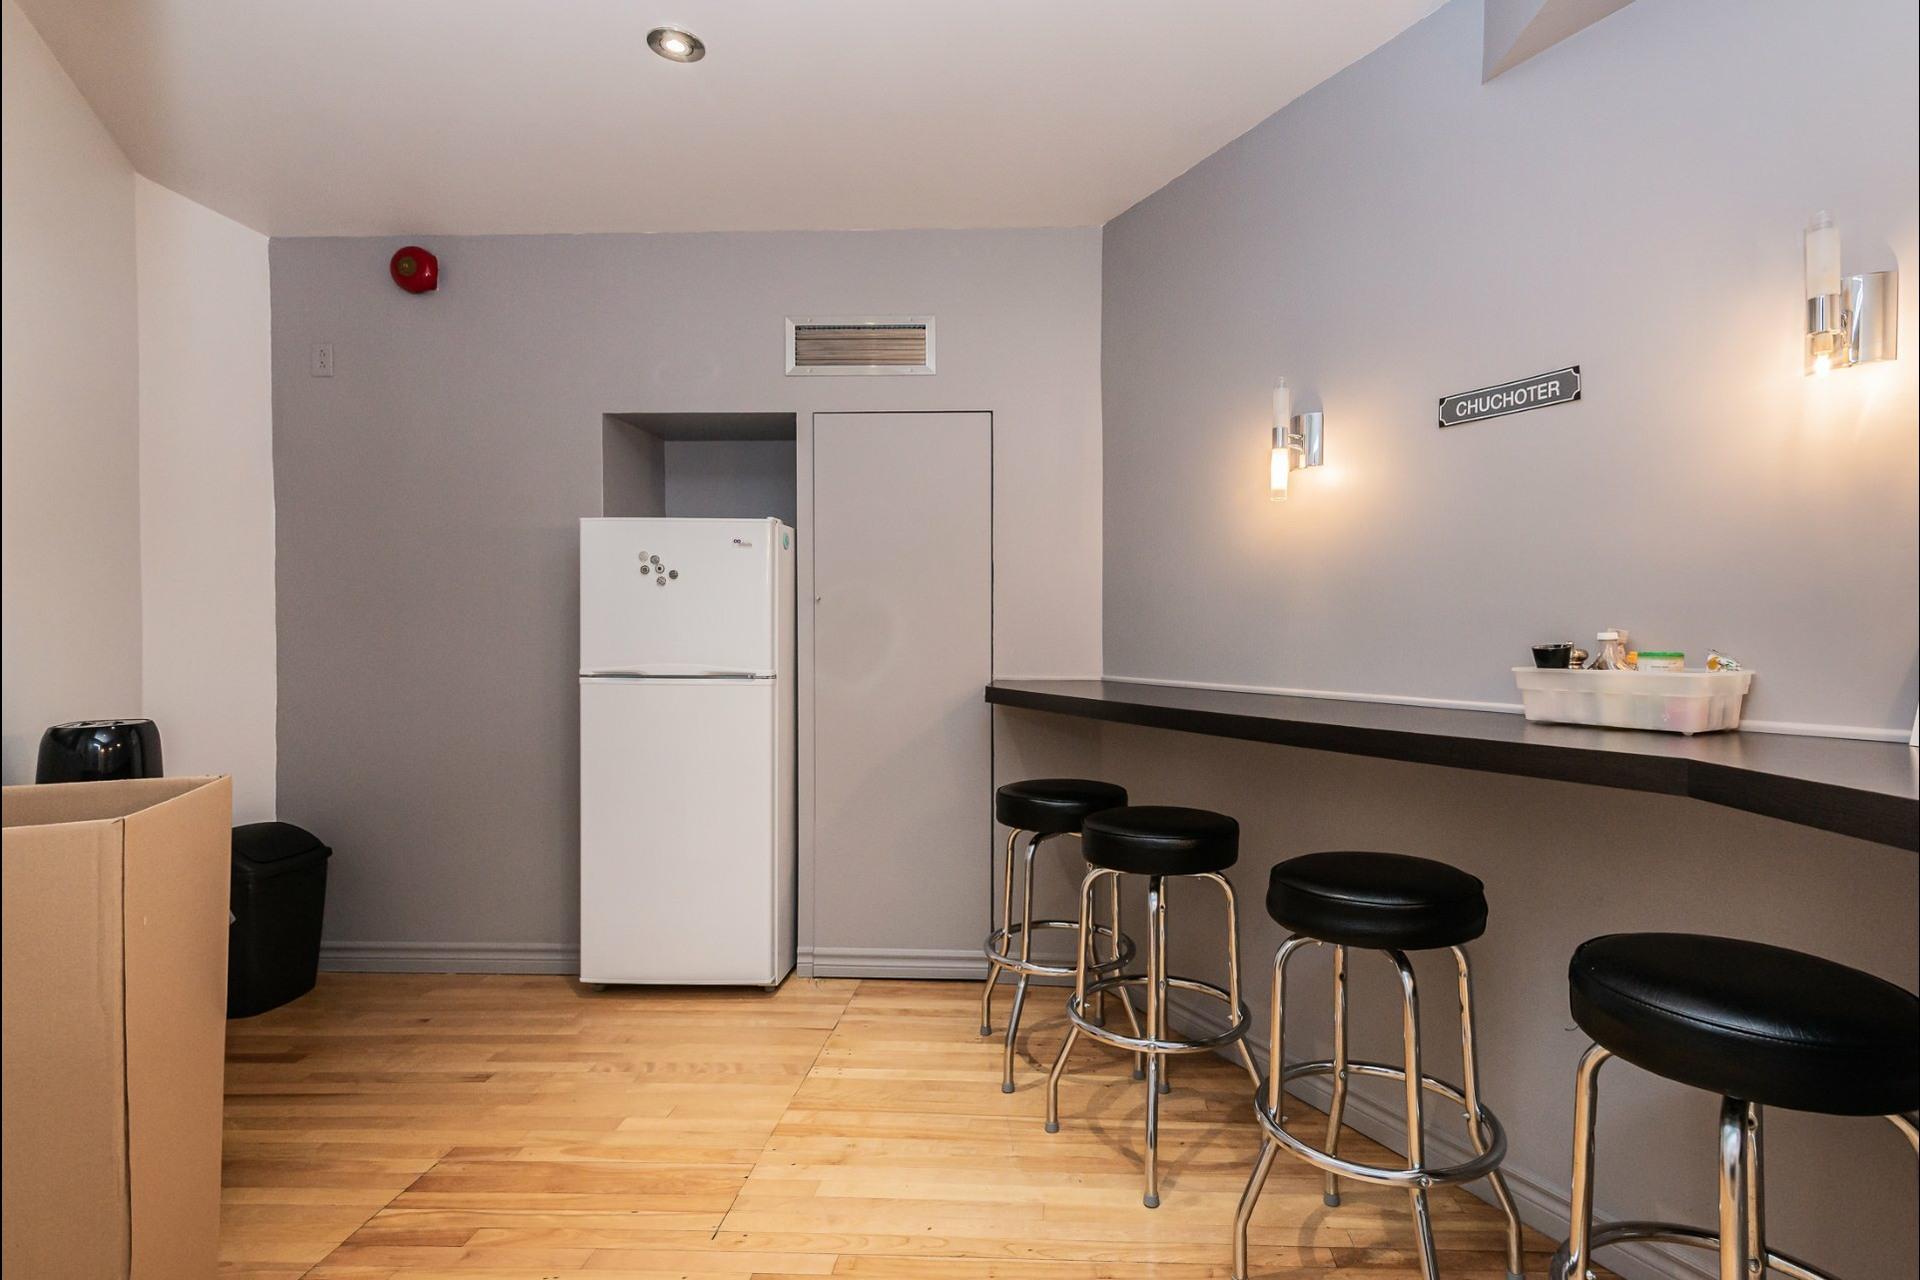 image 15 - Duplex For sale Lachine Montréal  - 4 rooms